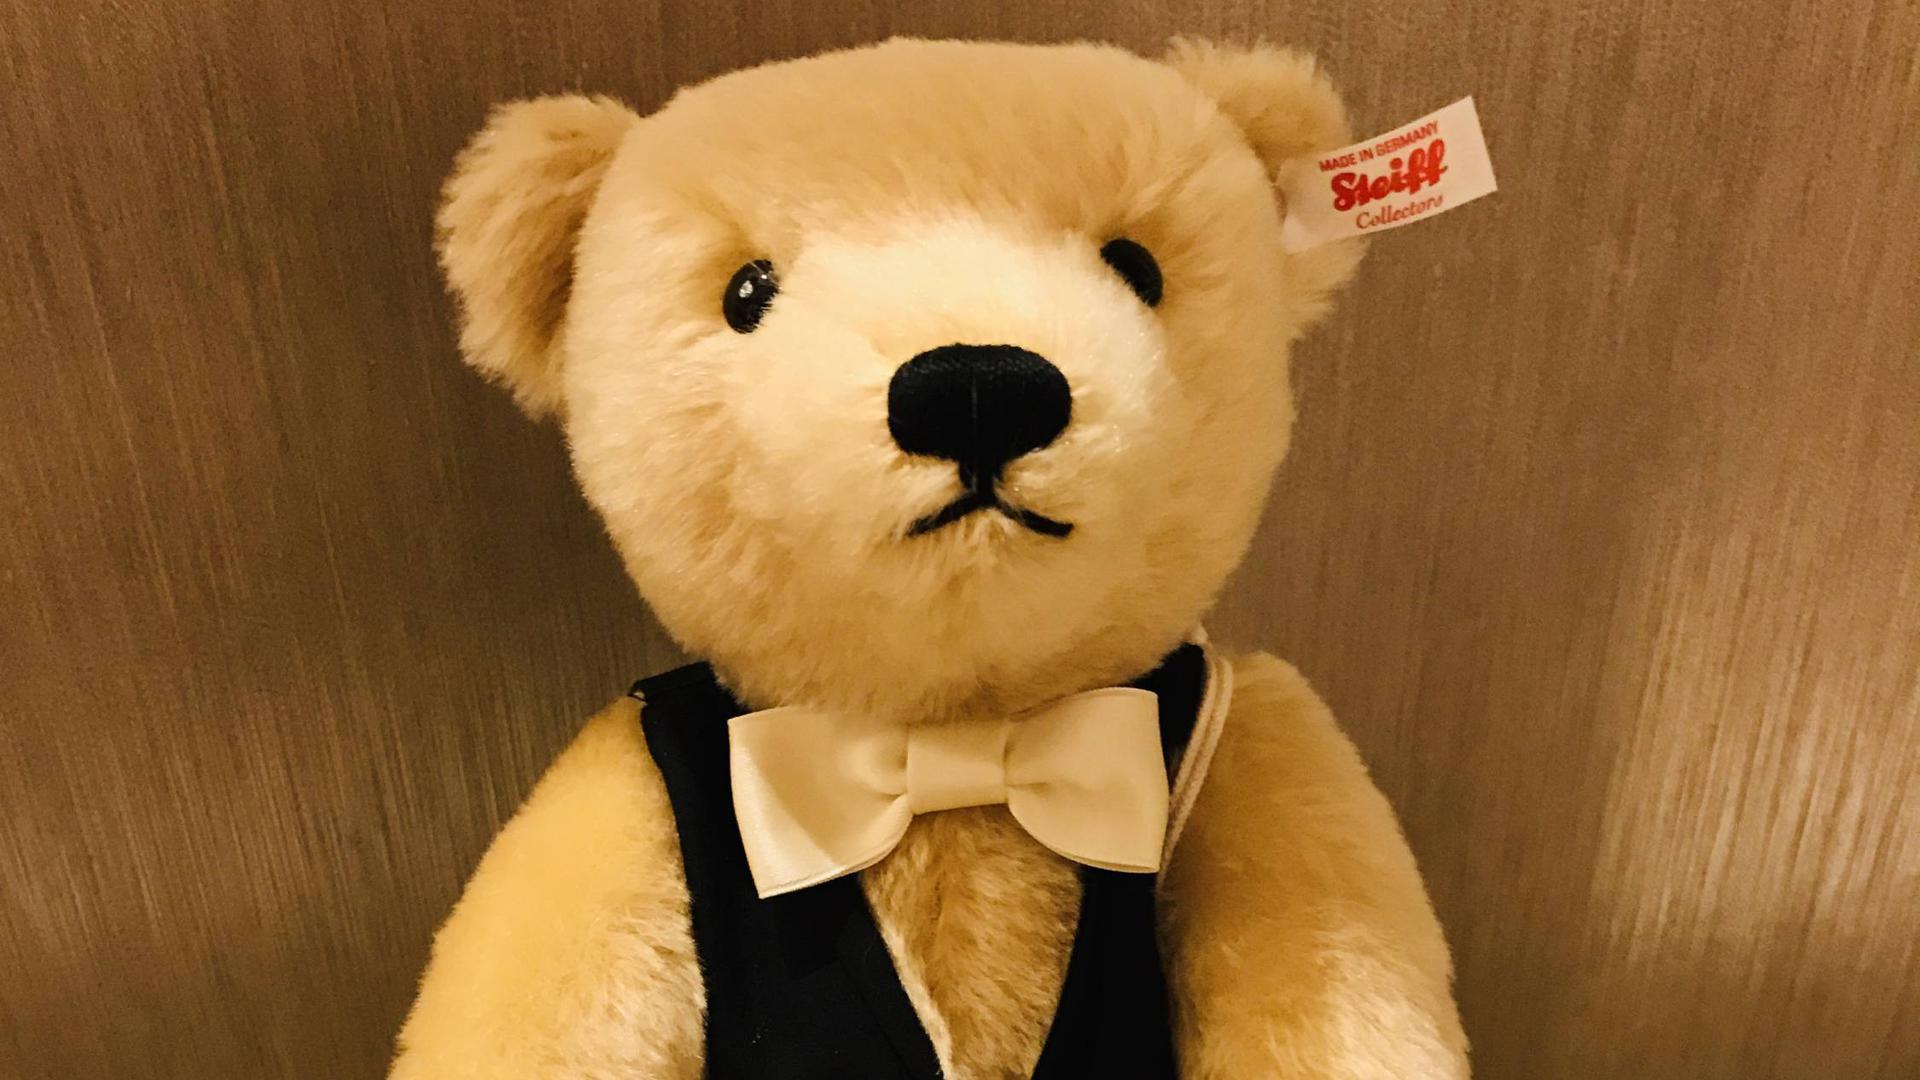 Den Casino-Bar, einen Teddy mit Knopf im Ohr, gibt es in limitierter Auflage.